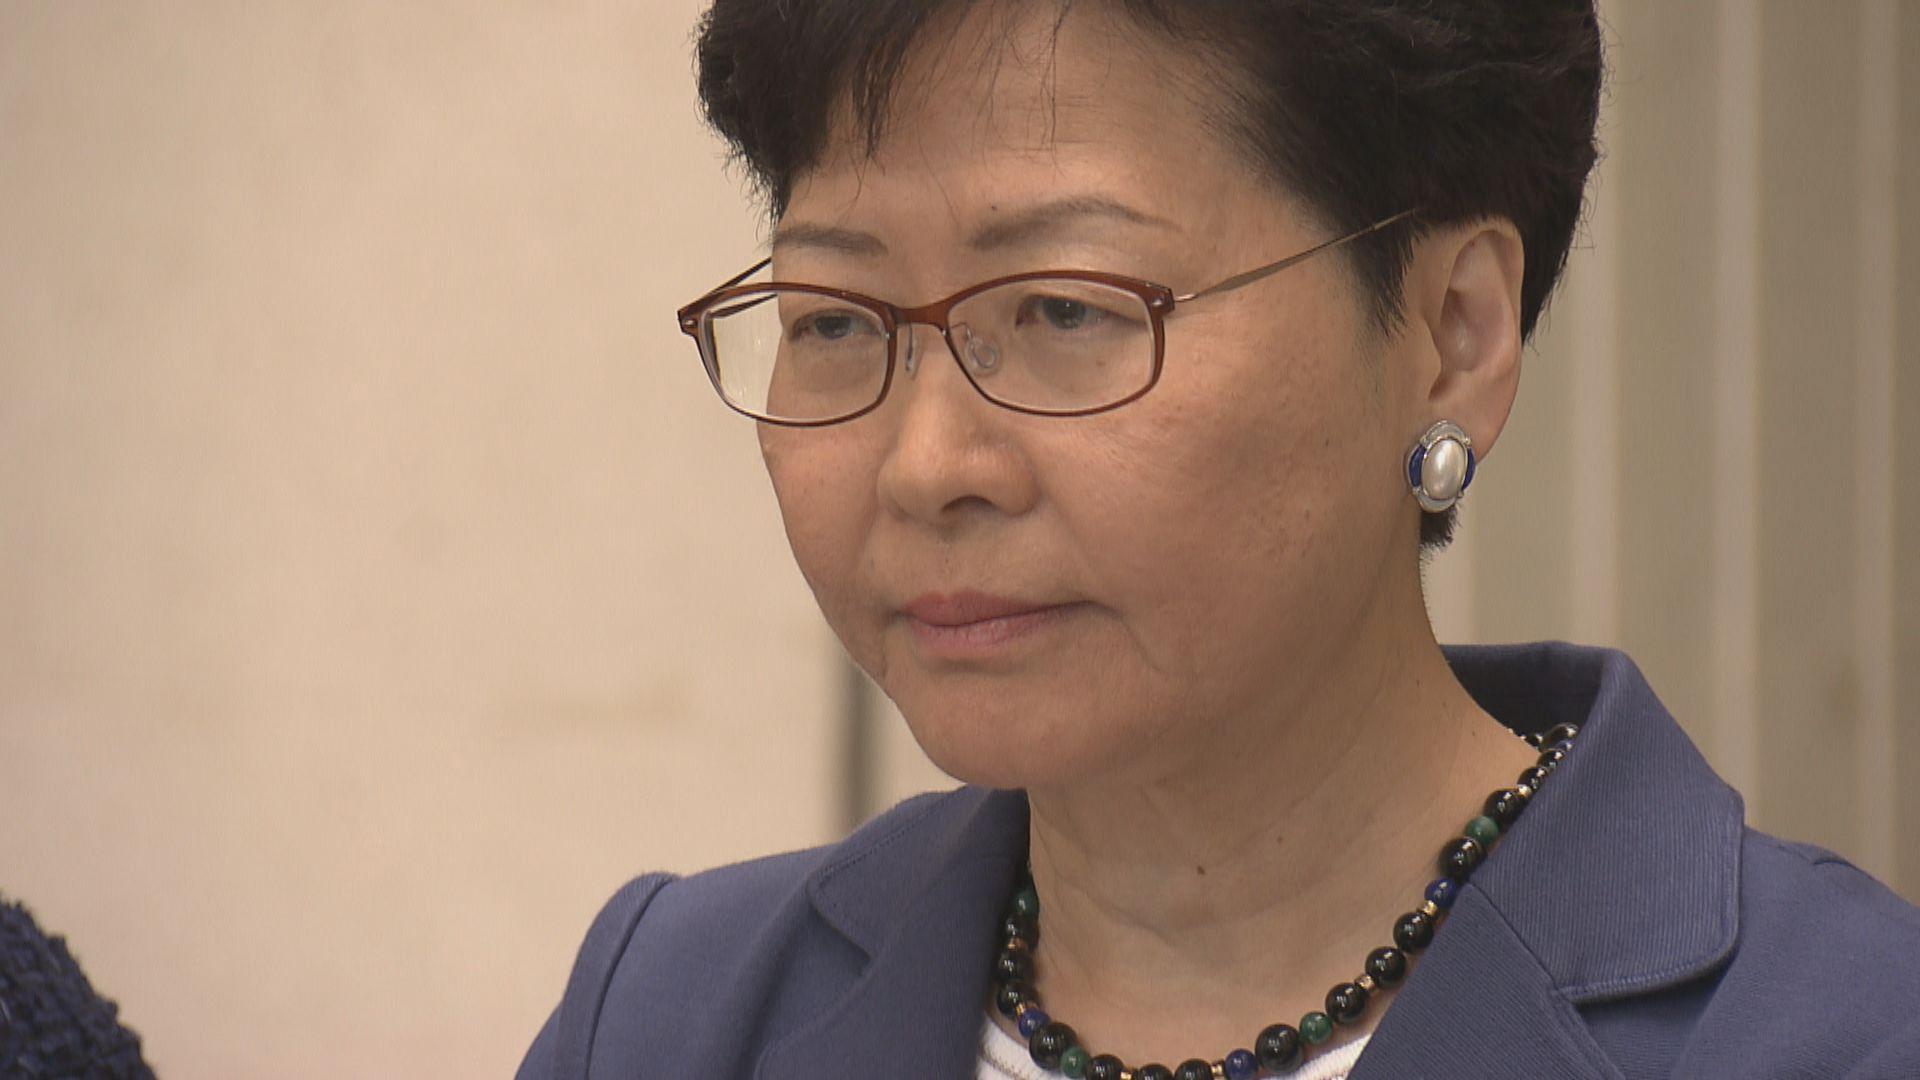 【逃犯條例】林鄭:許多團體支持修例會繼續相關工作